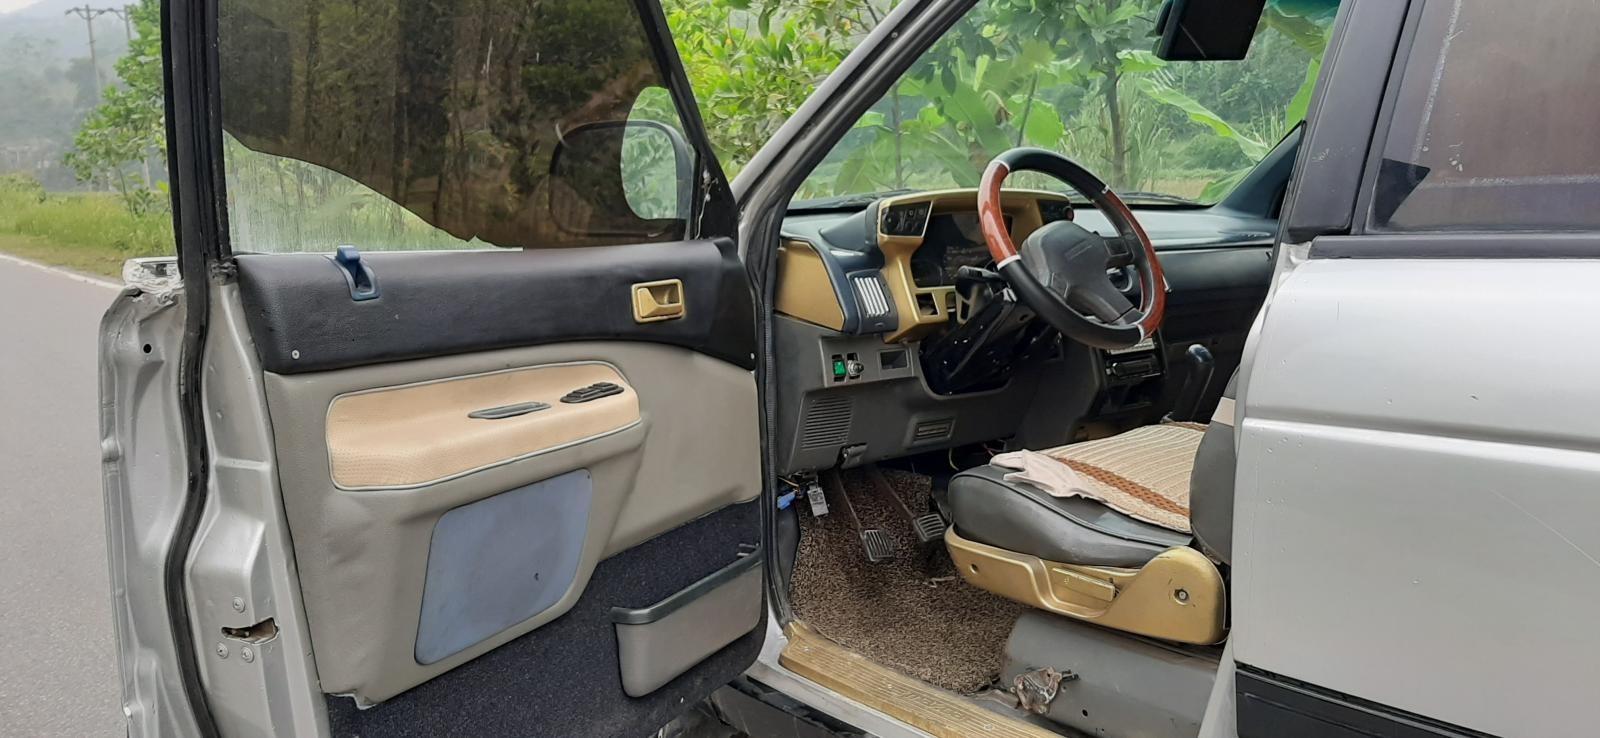 Bán xe Mazda nhập khẩu, máy dầu, giá 98 triệu